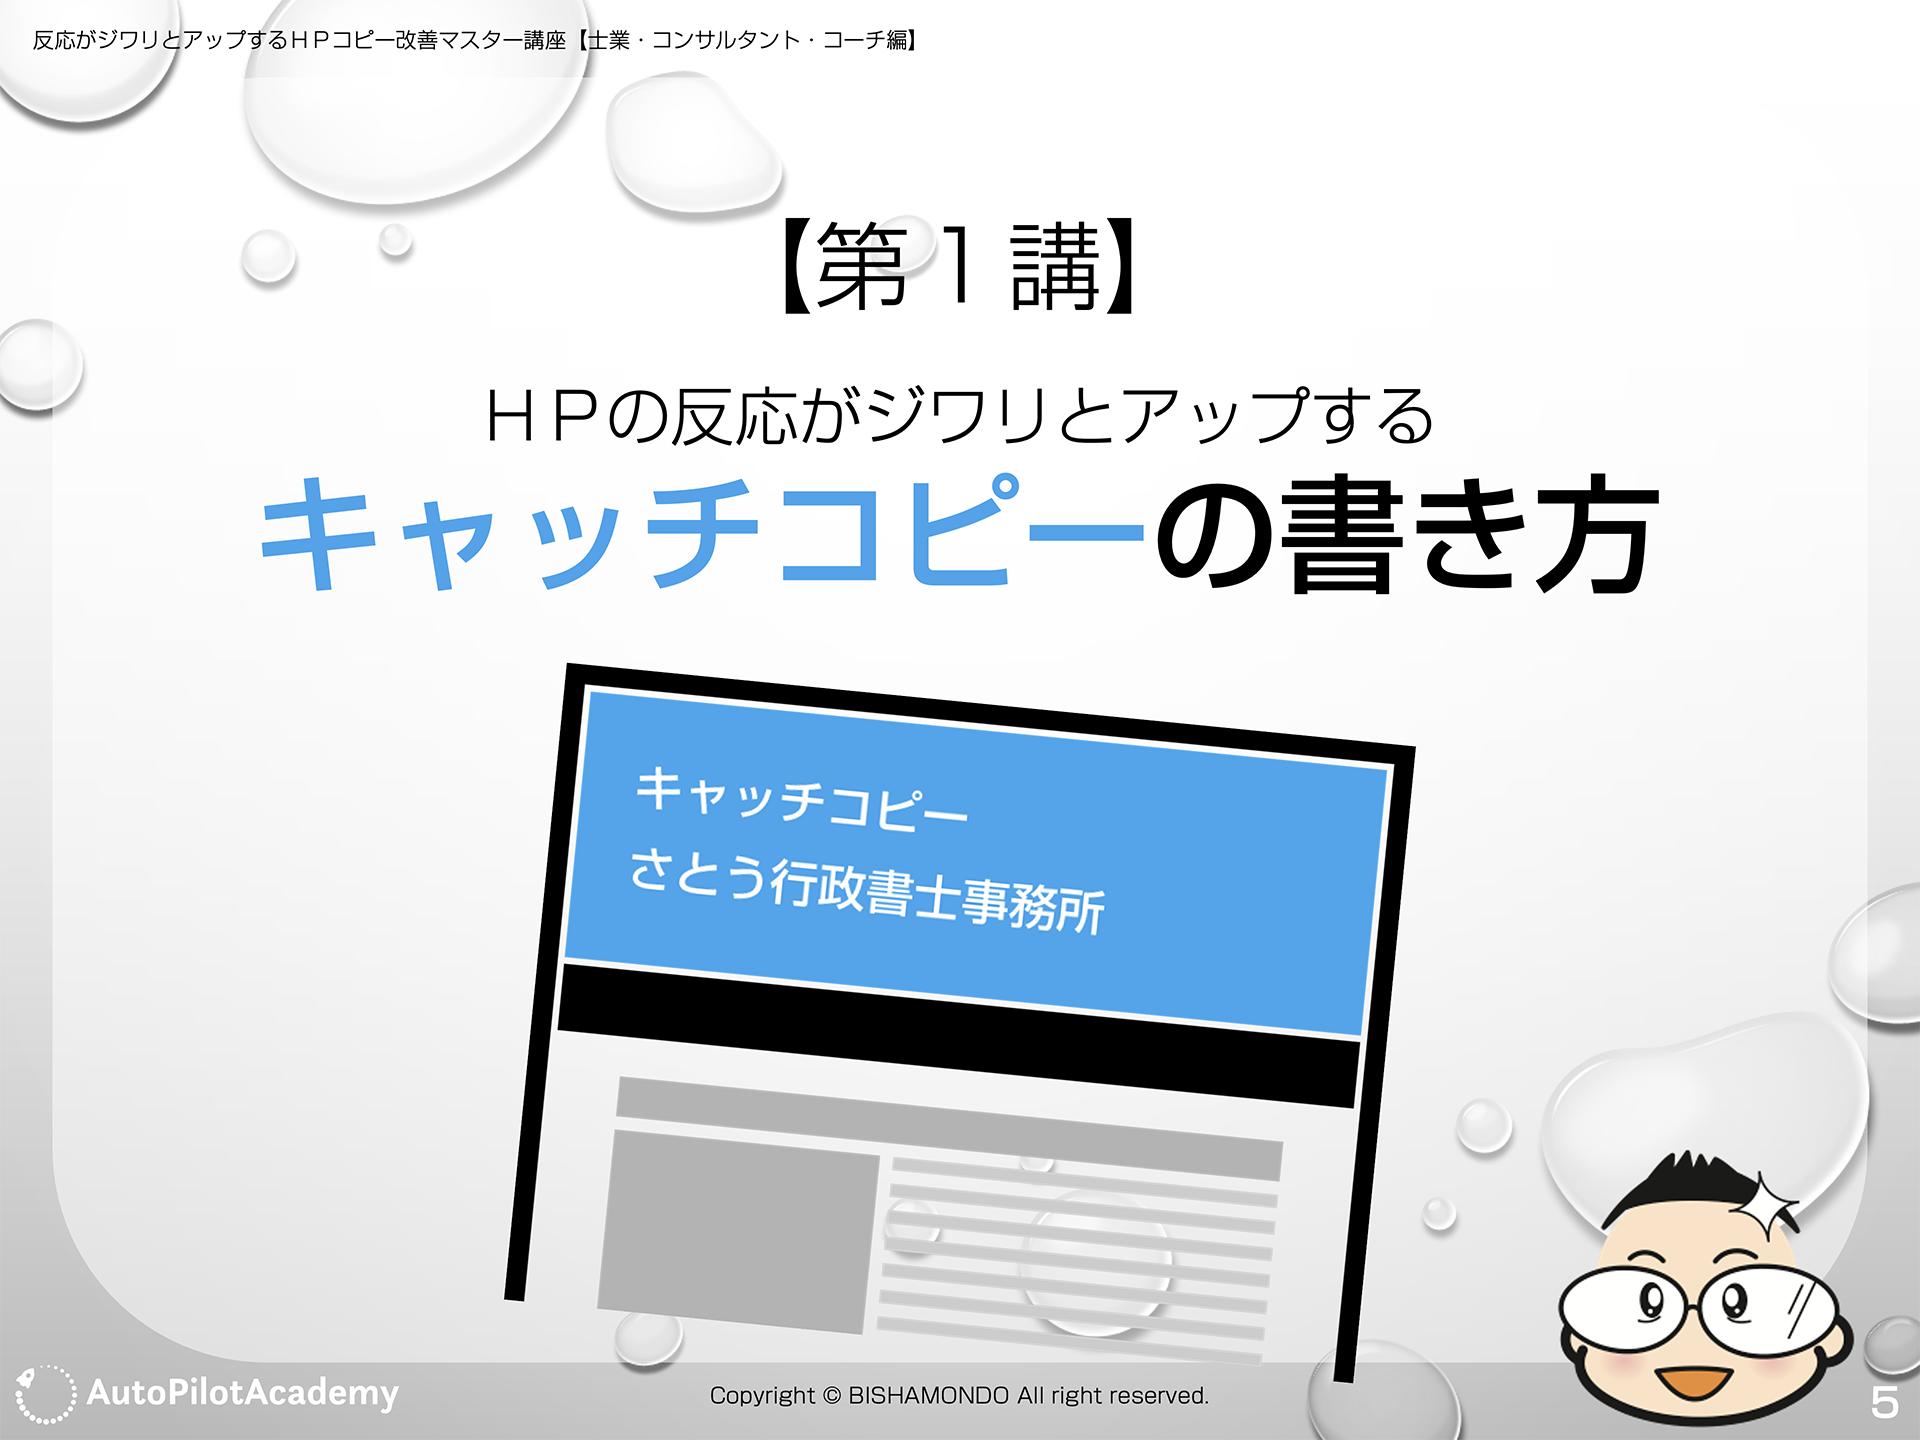 【第1講】HPの反応がジワリとアップするキャッチコピーの書き方